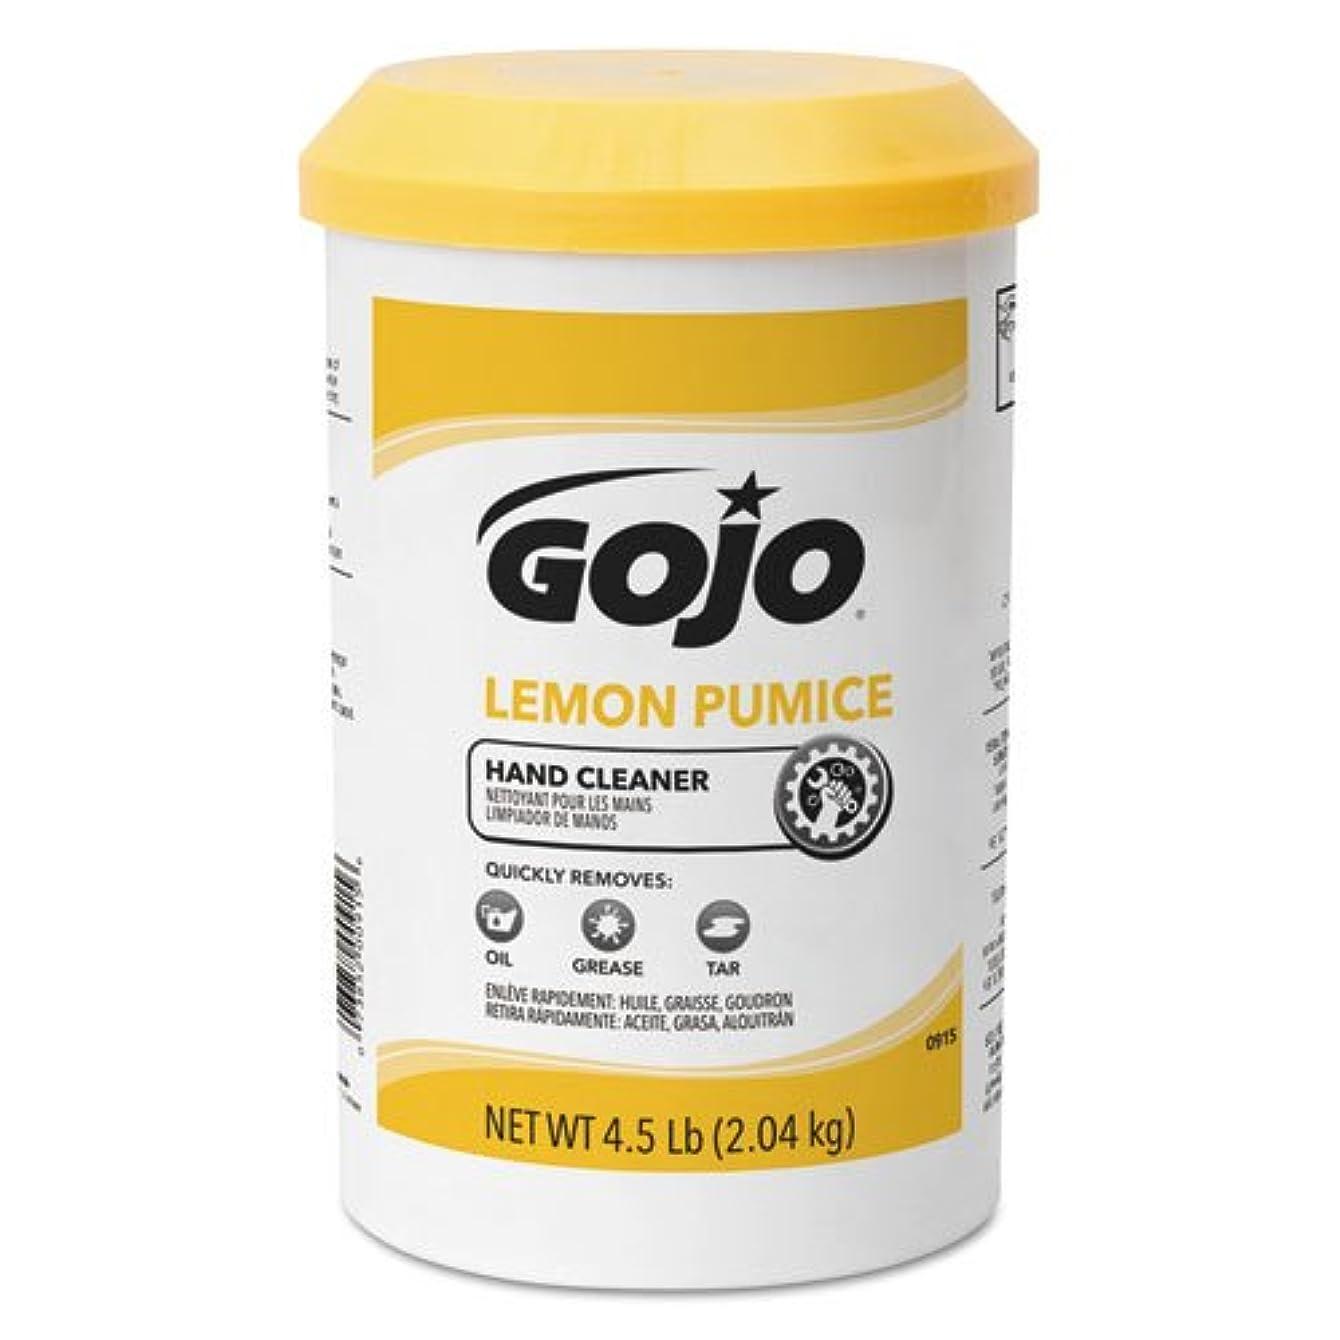 店員友情アミューズメントGojo レモンプーミス ハンドクリーナー レモンの香り 4.5ポンド GOJ0915